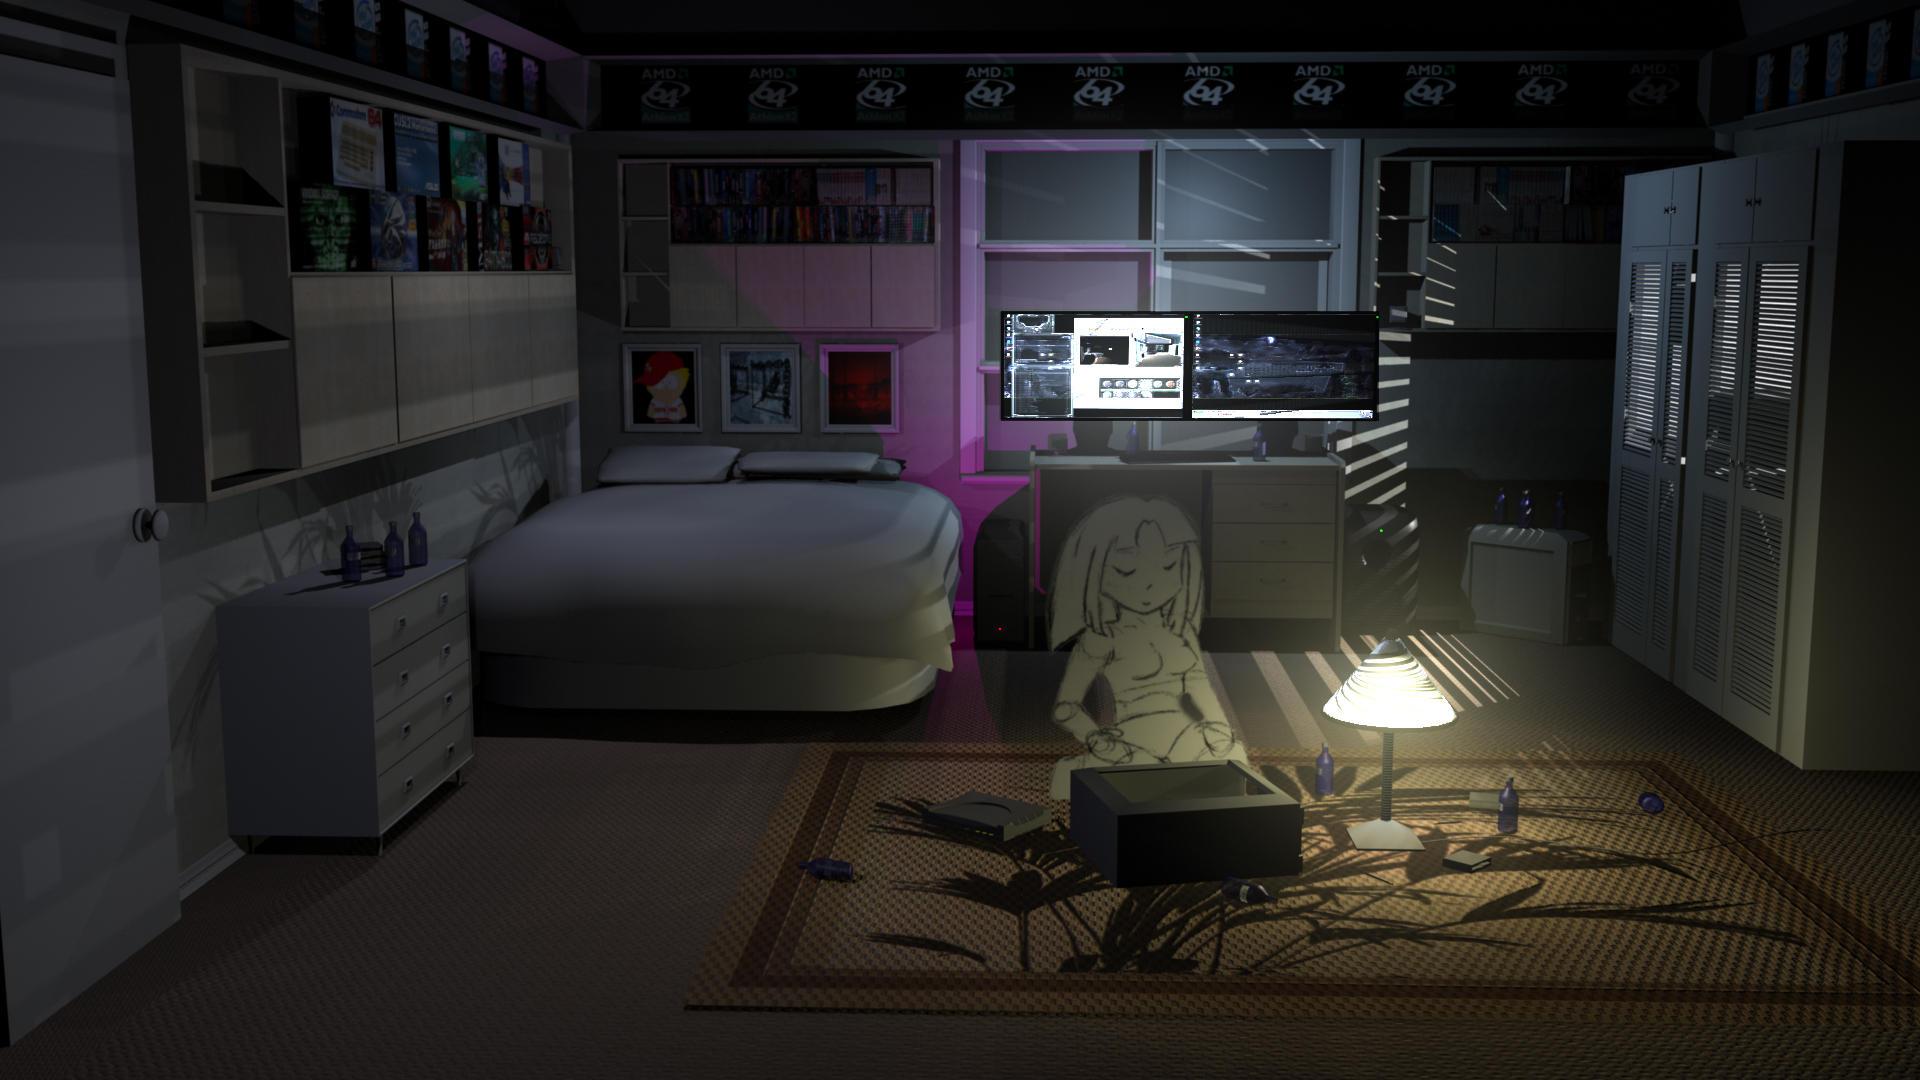 Gamer Home Decor Nerd Girl Room By Masterlatvia On Deviantart